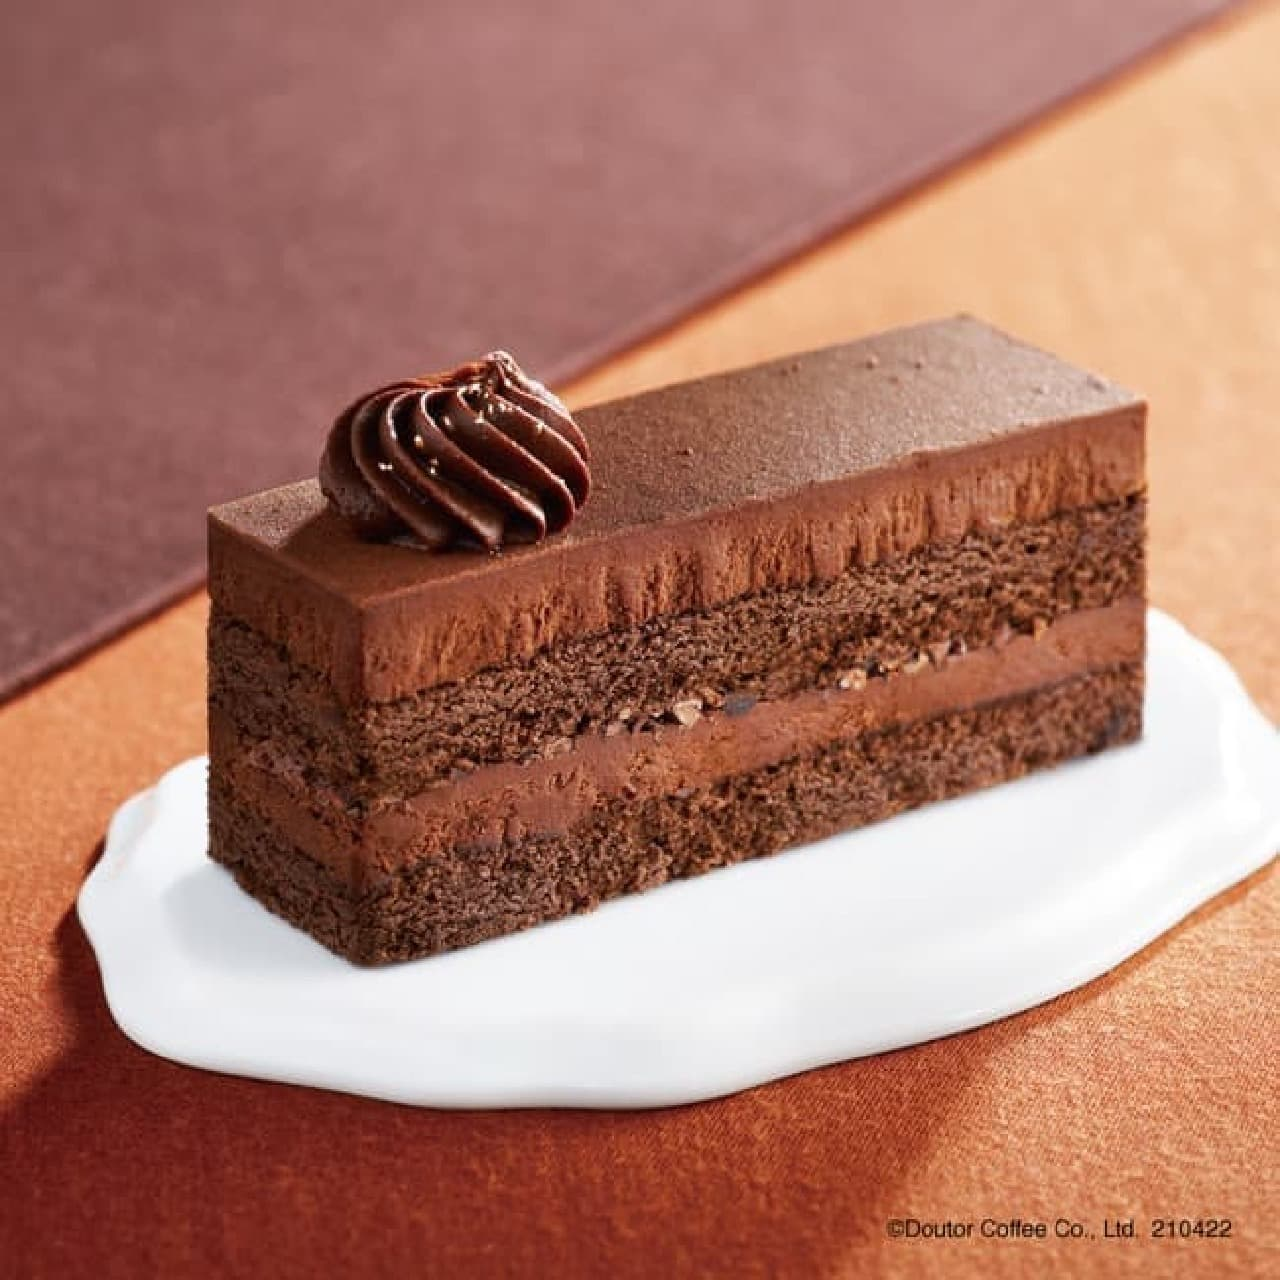 エクセルシオール カフェ「3種のチョコレートケーキ ~ベルギー産クーベルチュールチョコレート使用~」